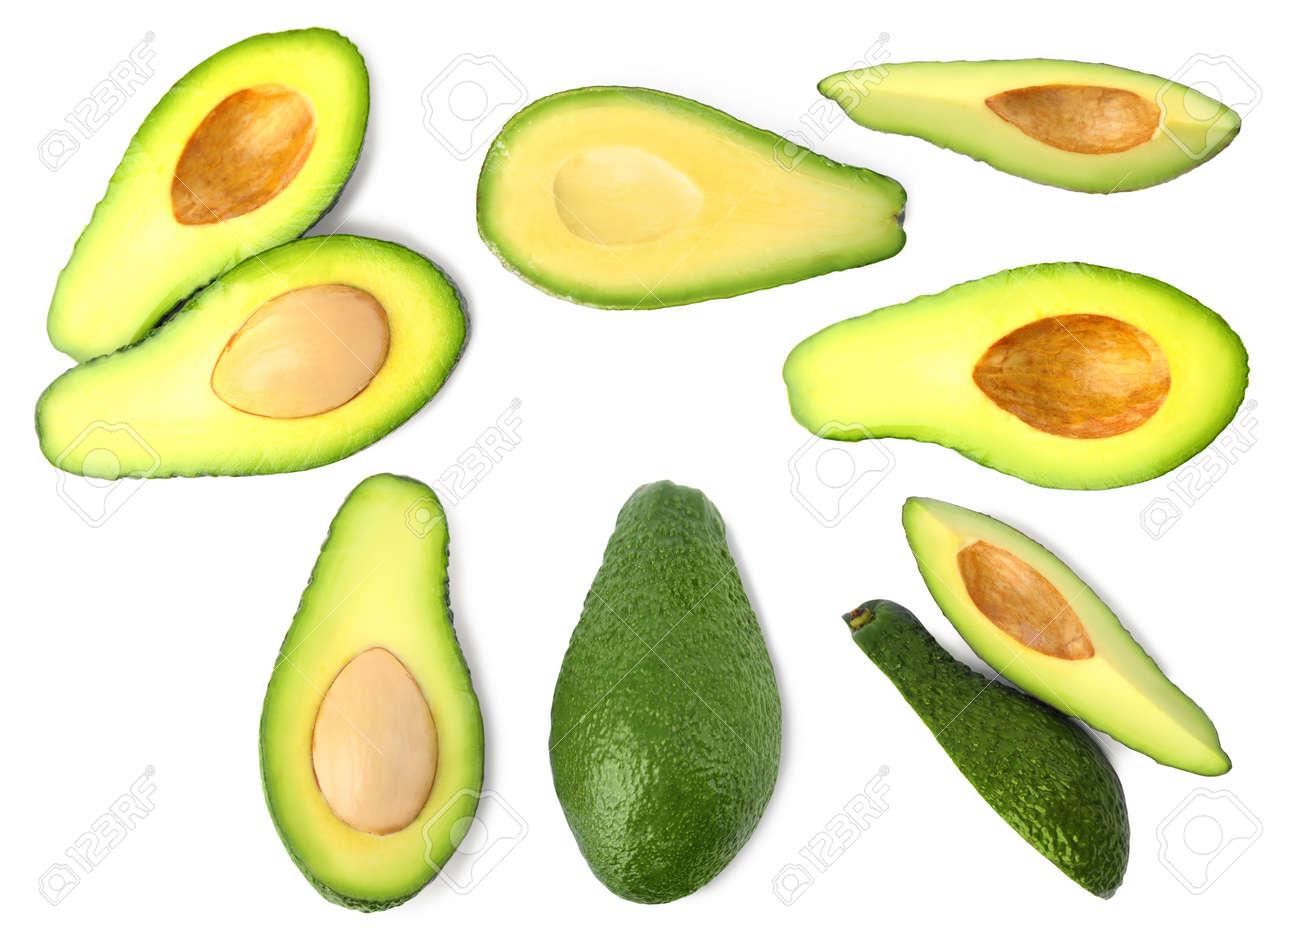 Set of delicious fresh avocados on white background - 139395264